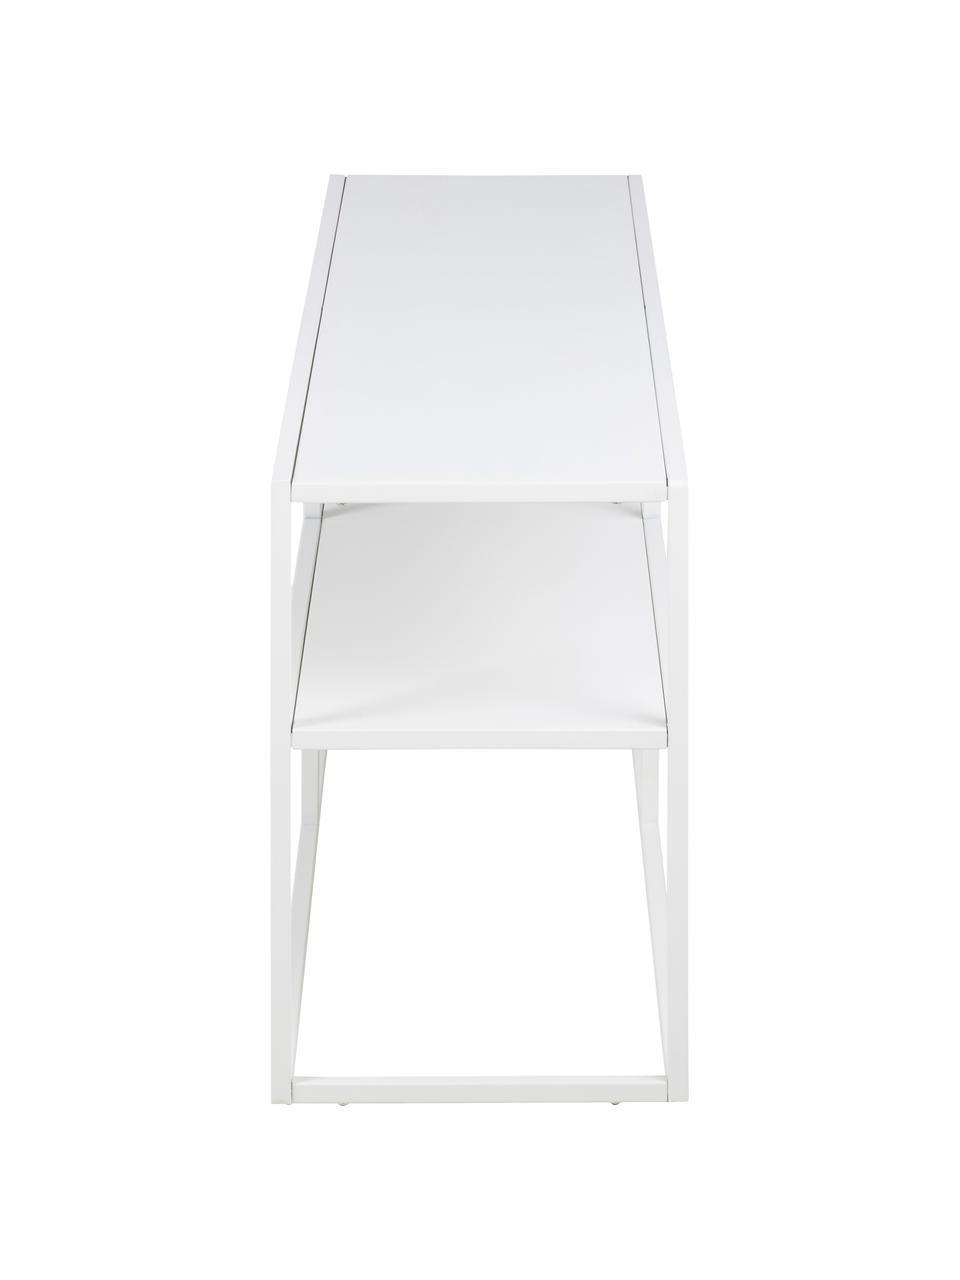 Szafka niska z metalu Newton, Metal malowany proszkowo, Biały, S 120 x W 46 cm